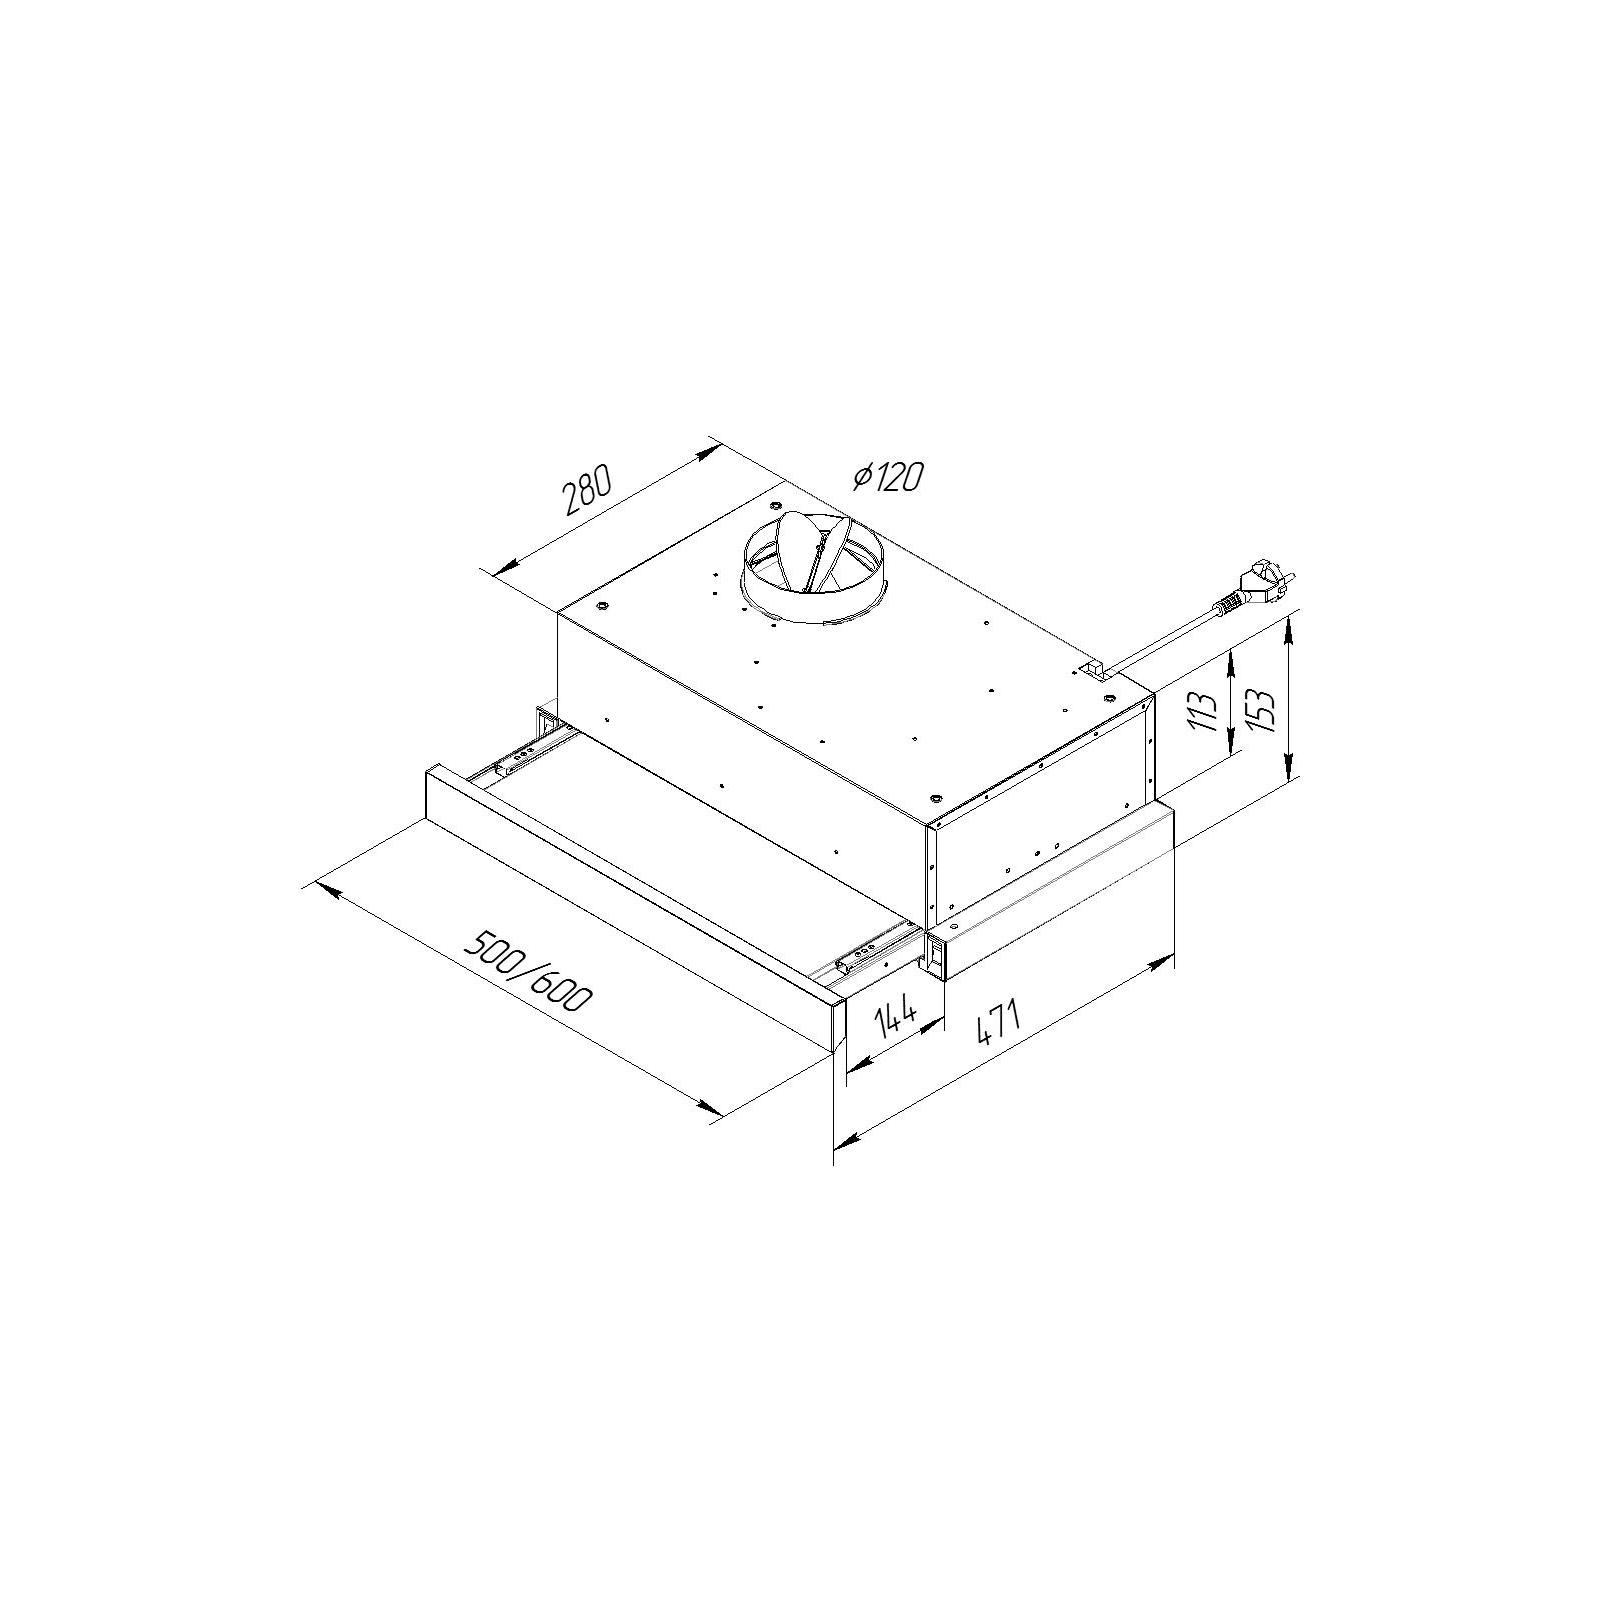 Вытяжка кухонная Pyramida TL 50 SLIM IX изображение 12